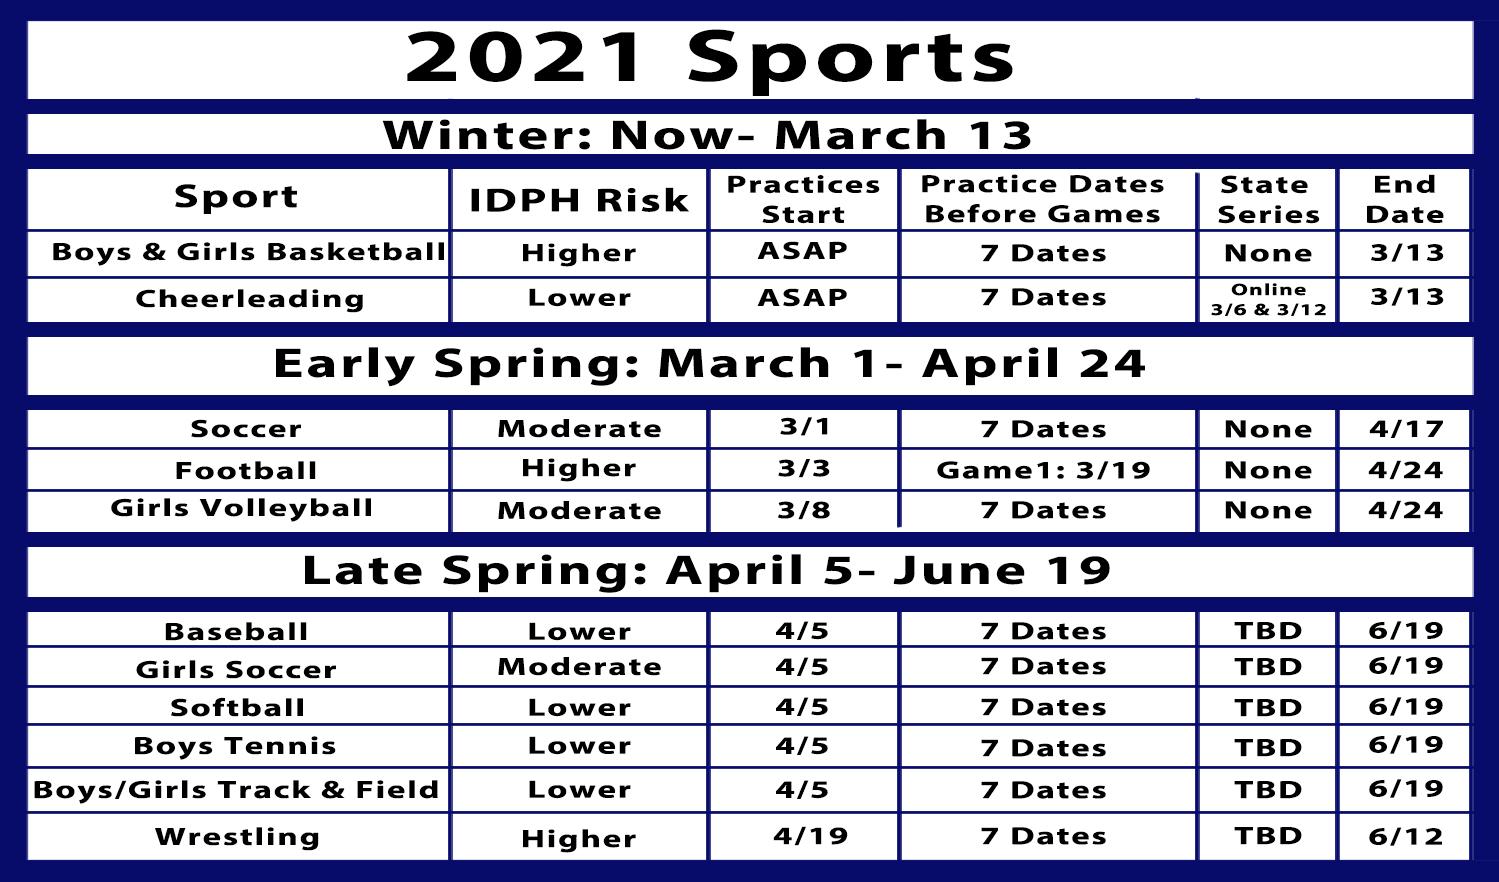 2021 Sports Schedule